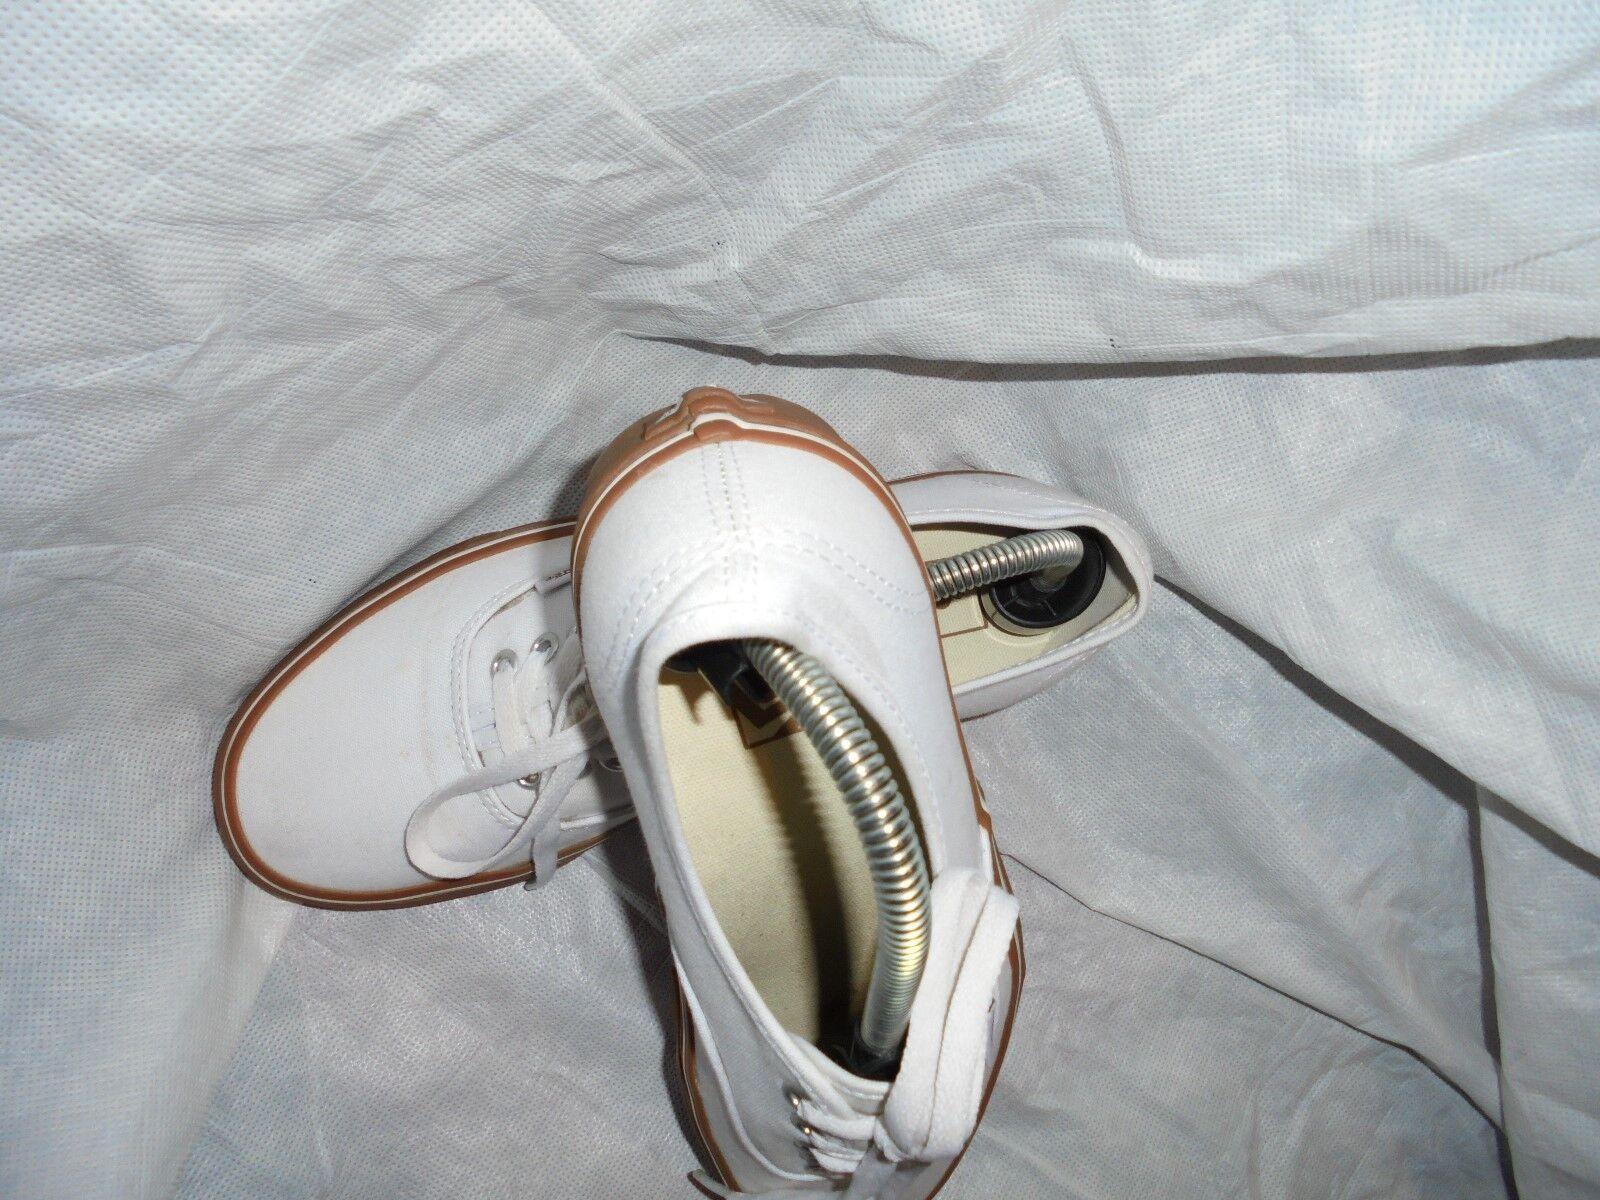 Vans Unisex Blanco Cuero Con Cordones nos Zapatillas Size nos Cordones 8 en muy buena condición 797459